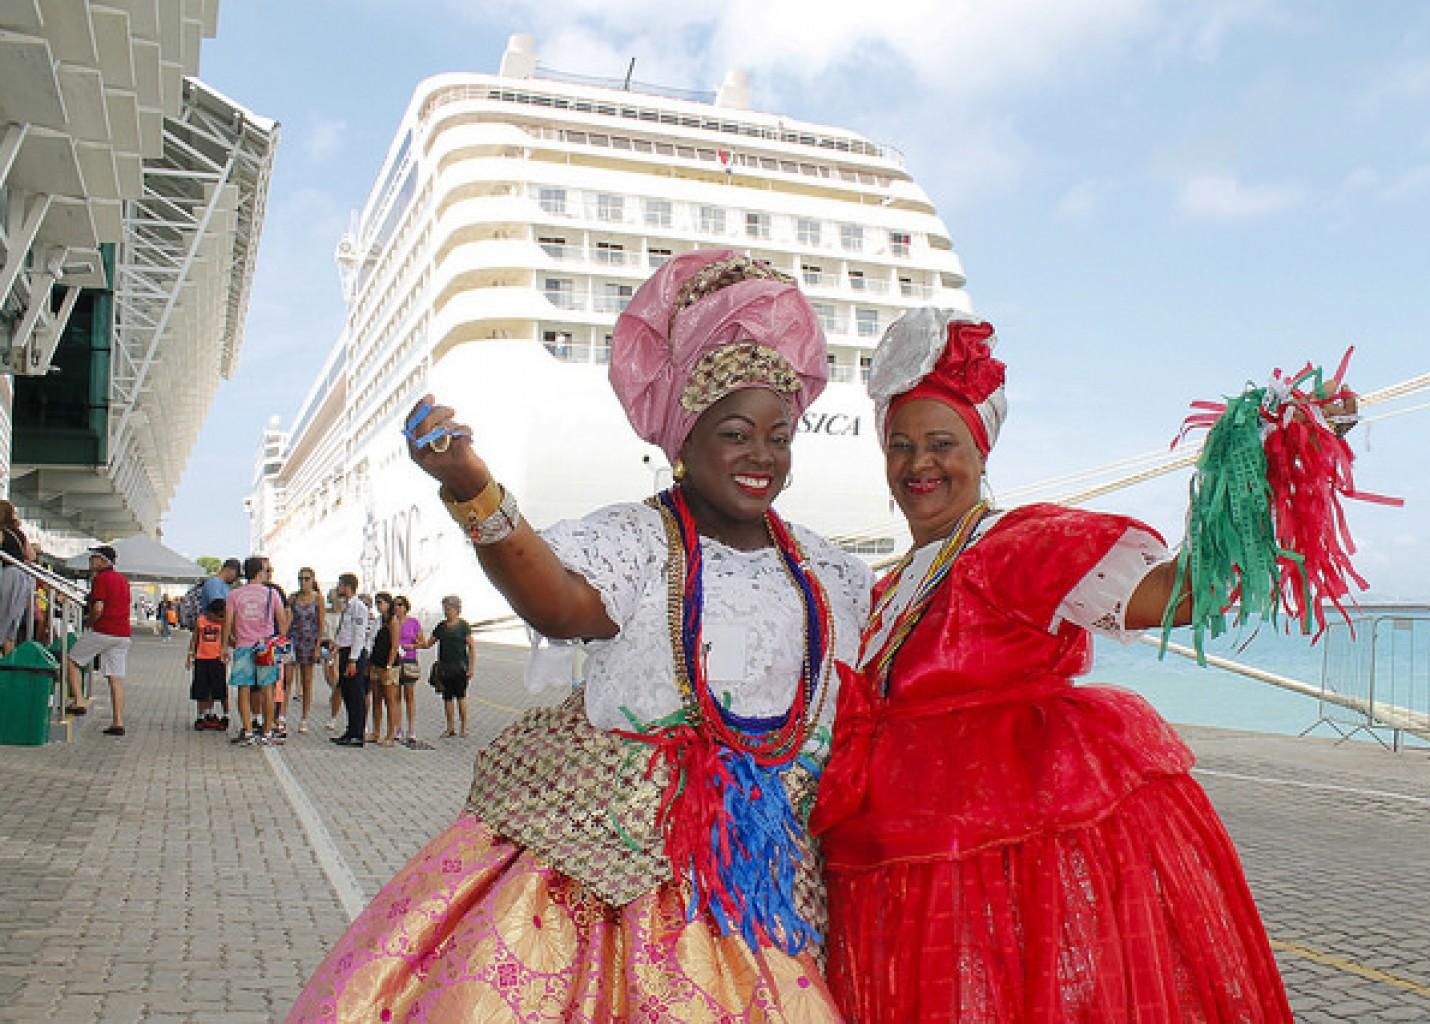 Bahia recebe cerca de 6 milhões de turistas durante o verão